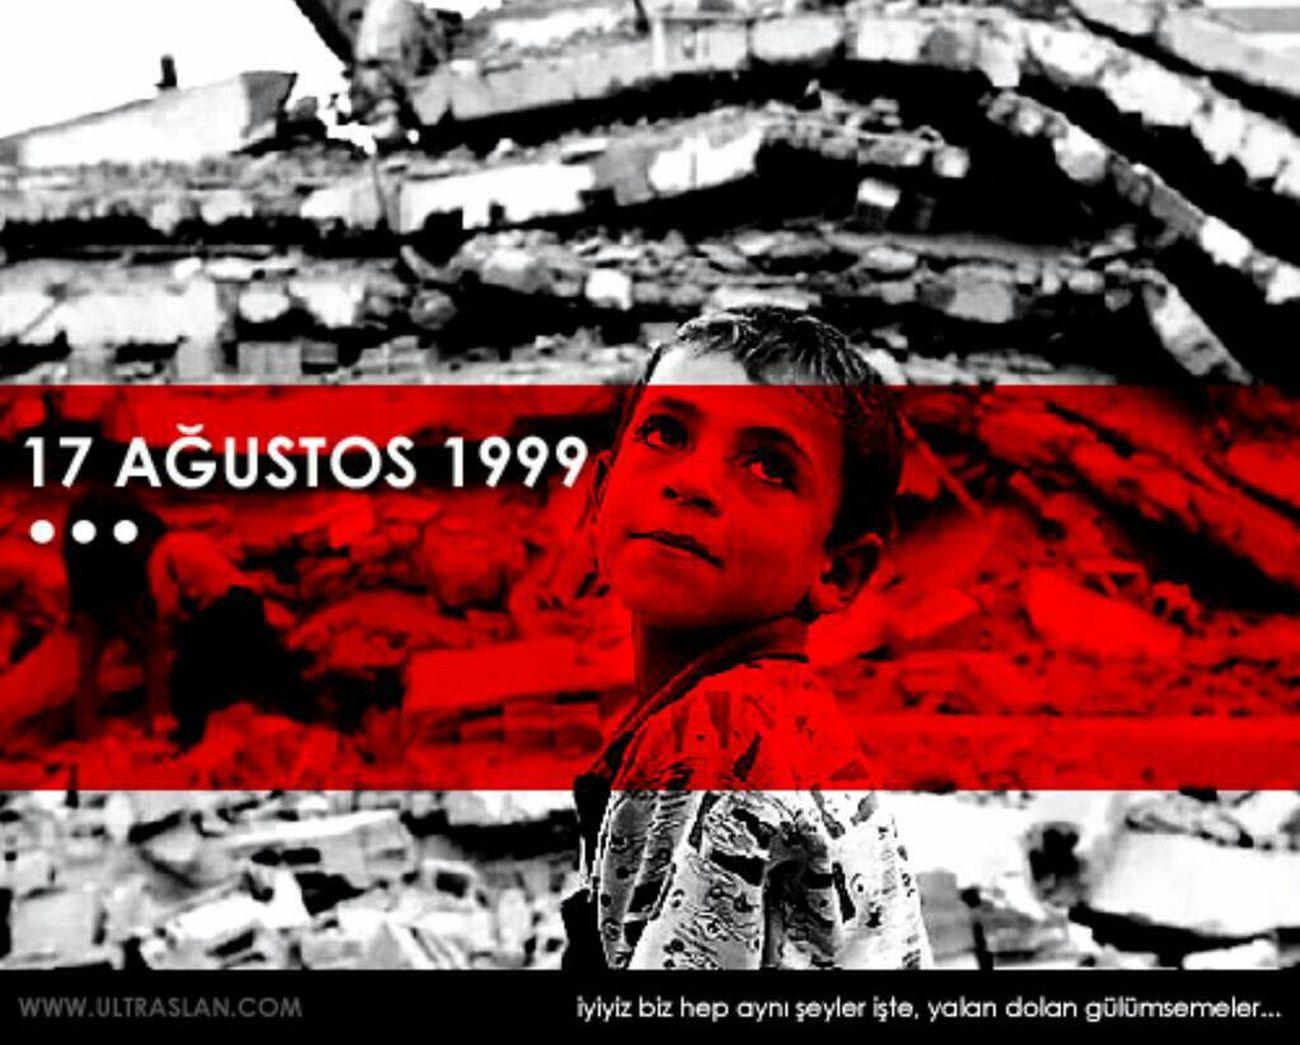 17 Agustus Deprem Olenleri Rahmetle Aniyoruz Ruhunuz şad Olsun.. Huzun Gunu 17ağustos1999 Uzgunum 😢